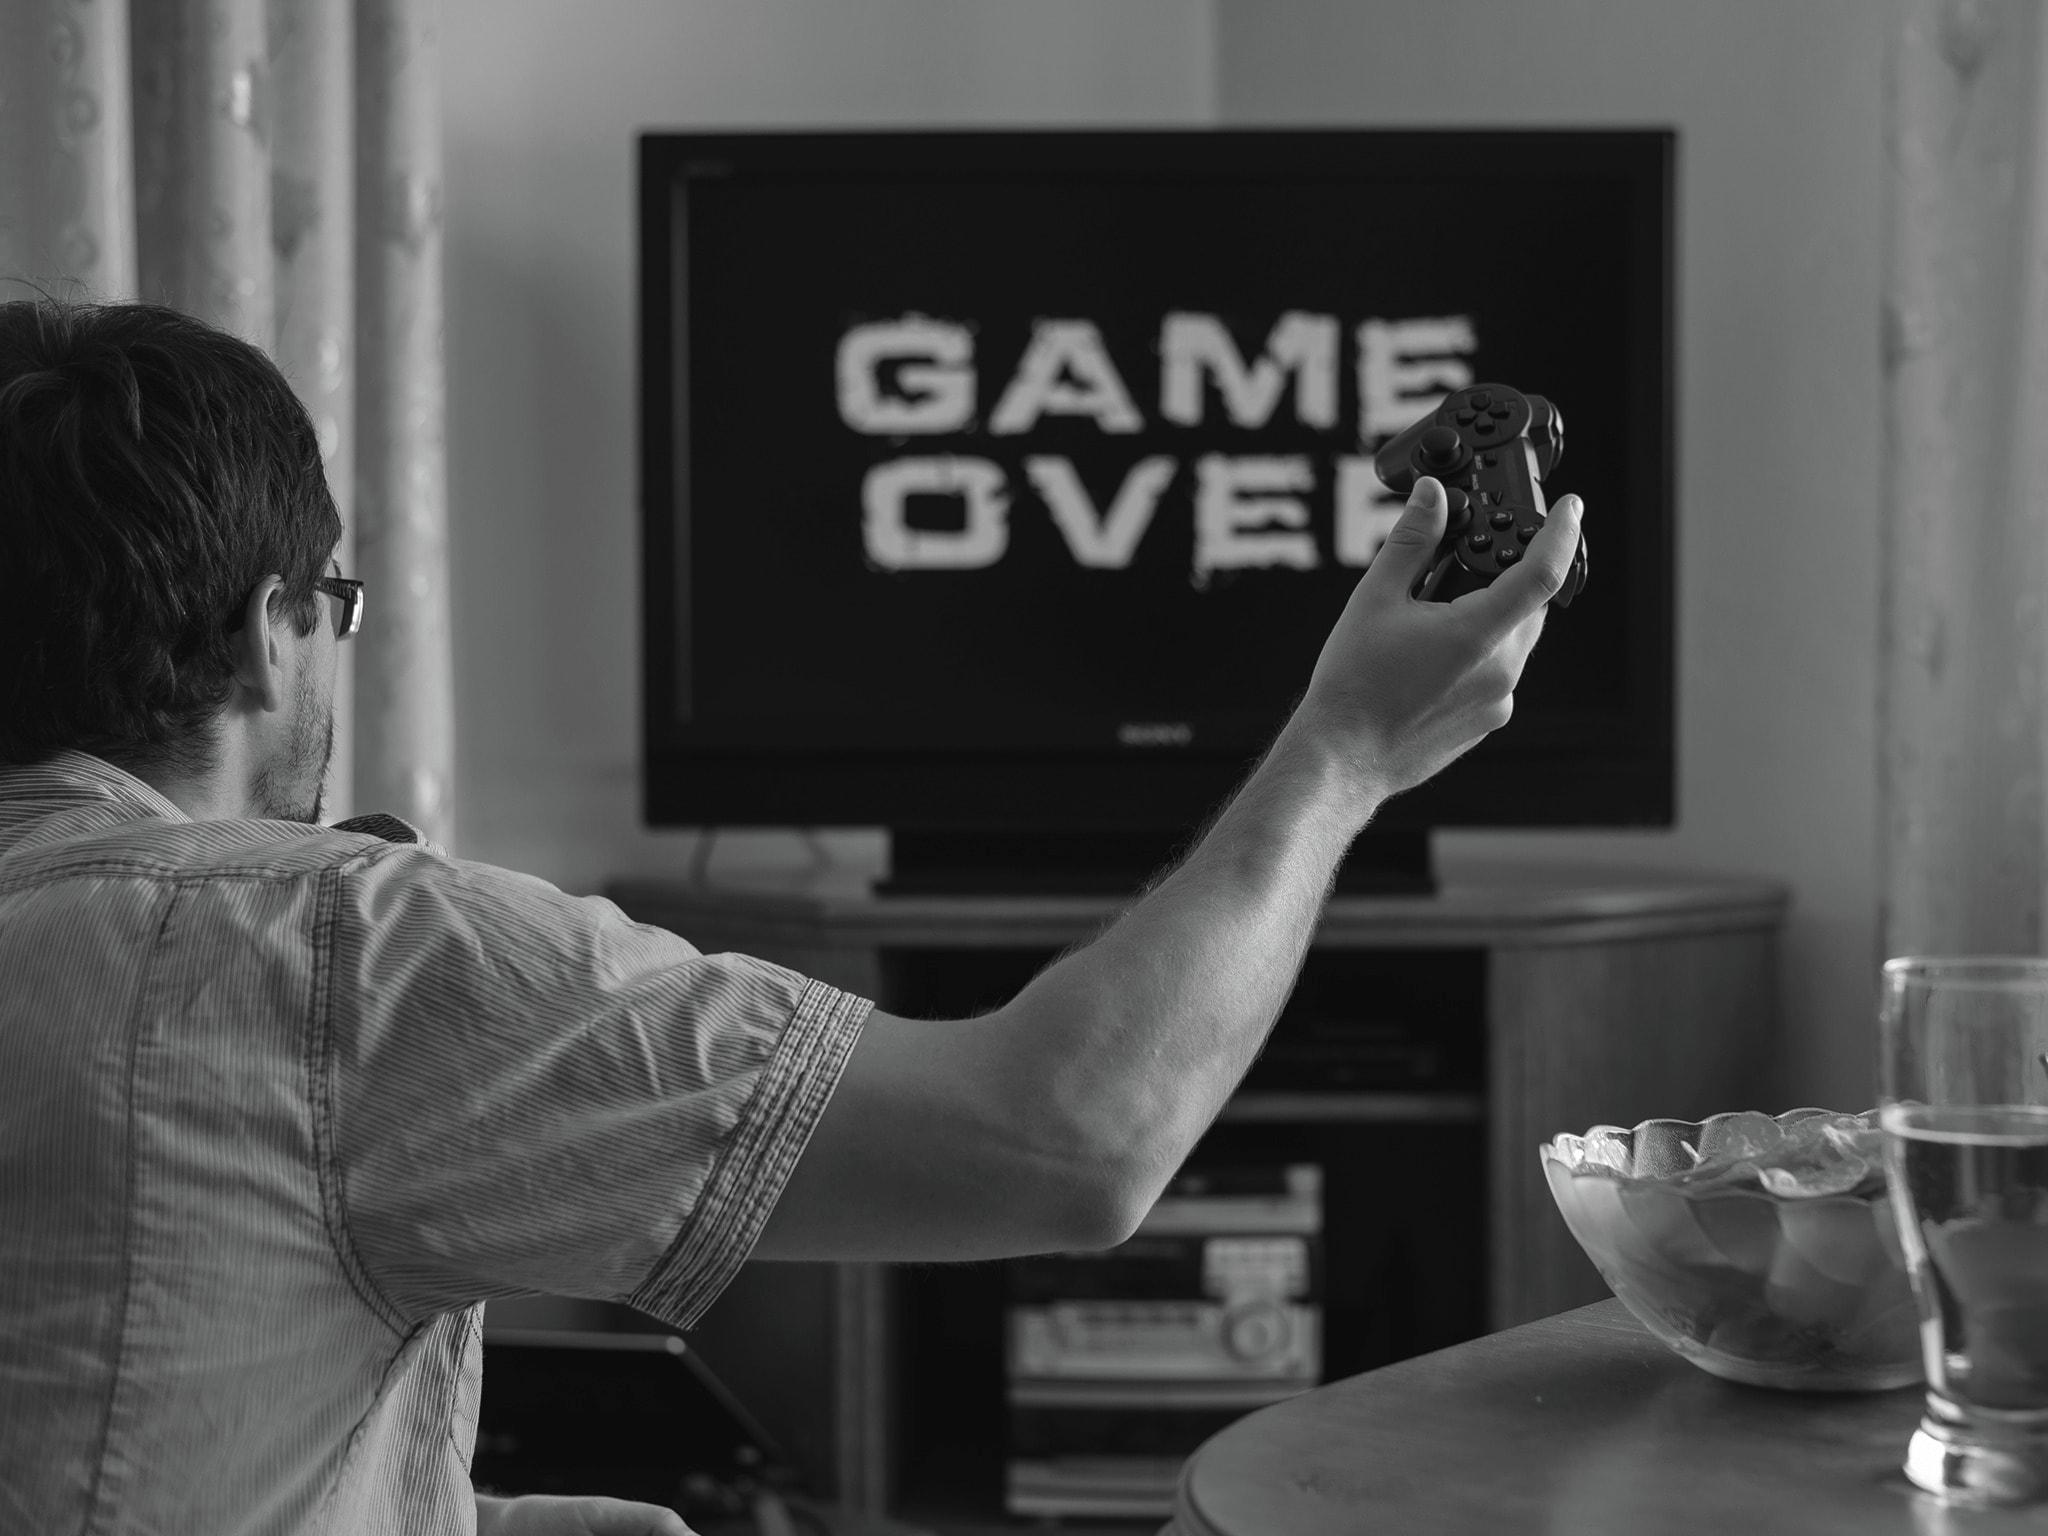 Homme_regardant_un_écran_game_over